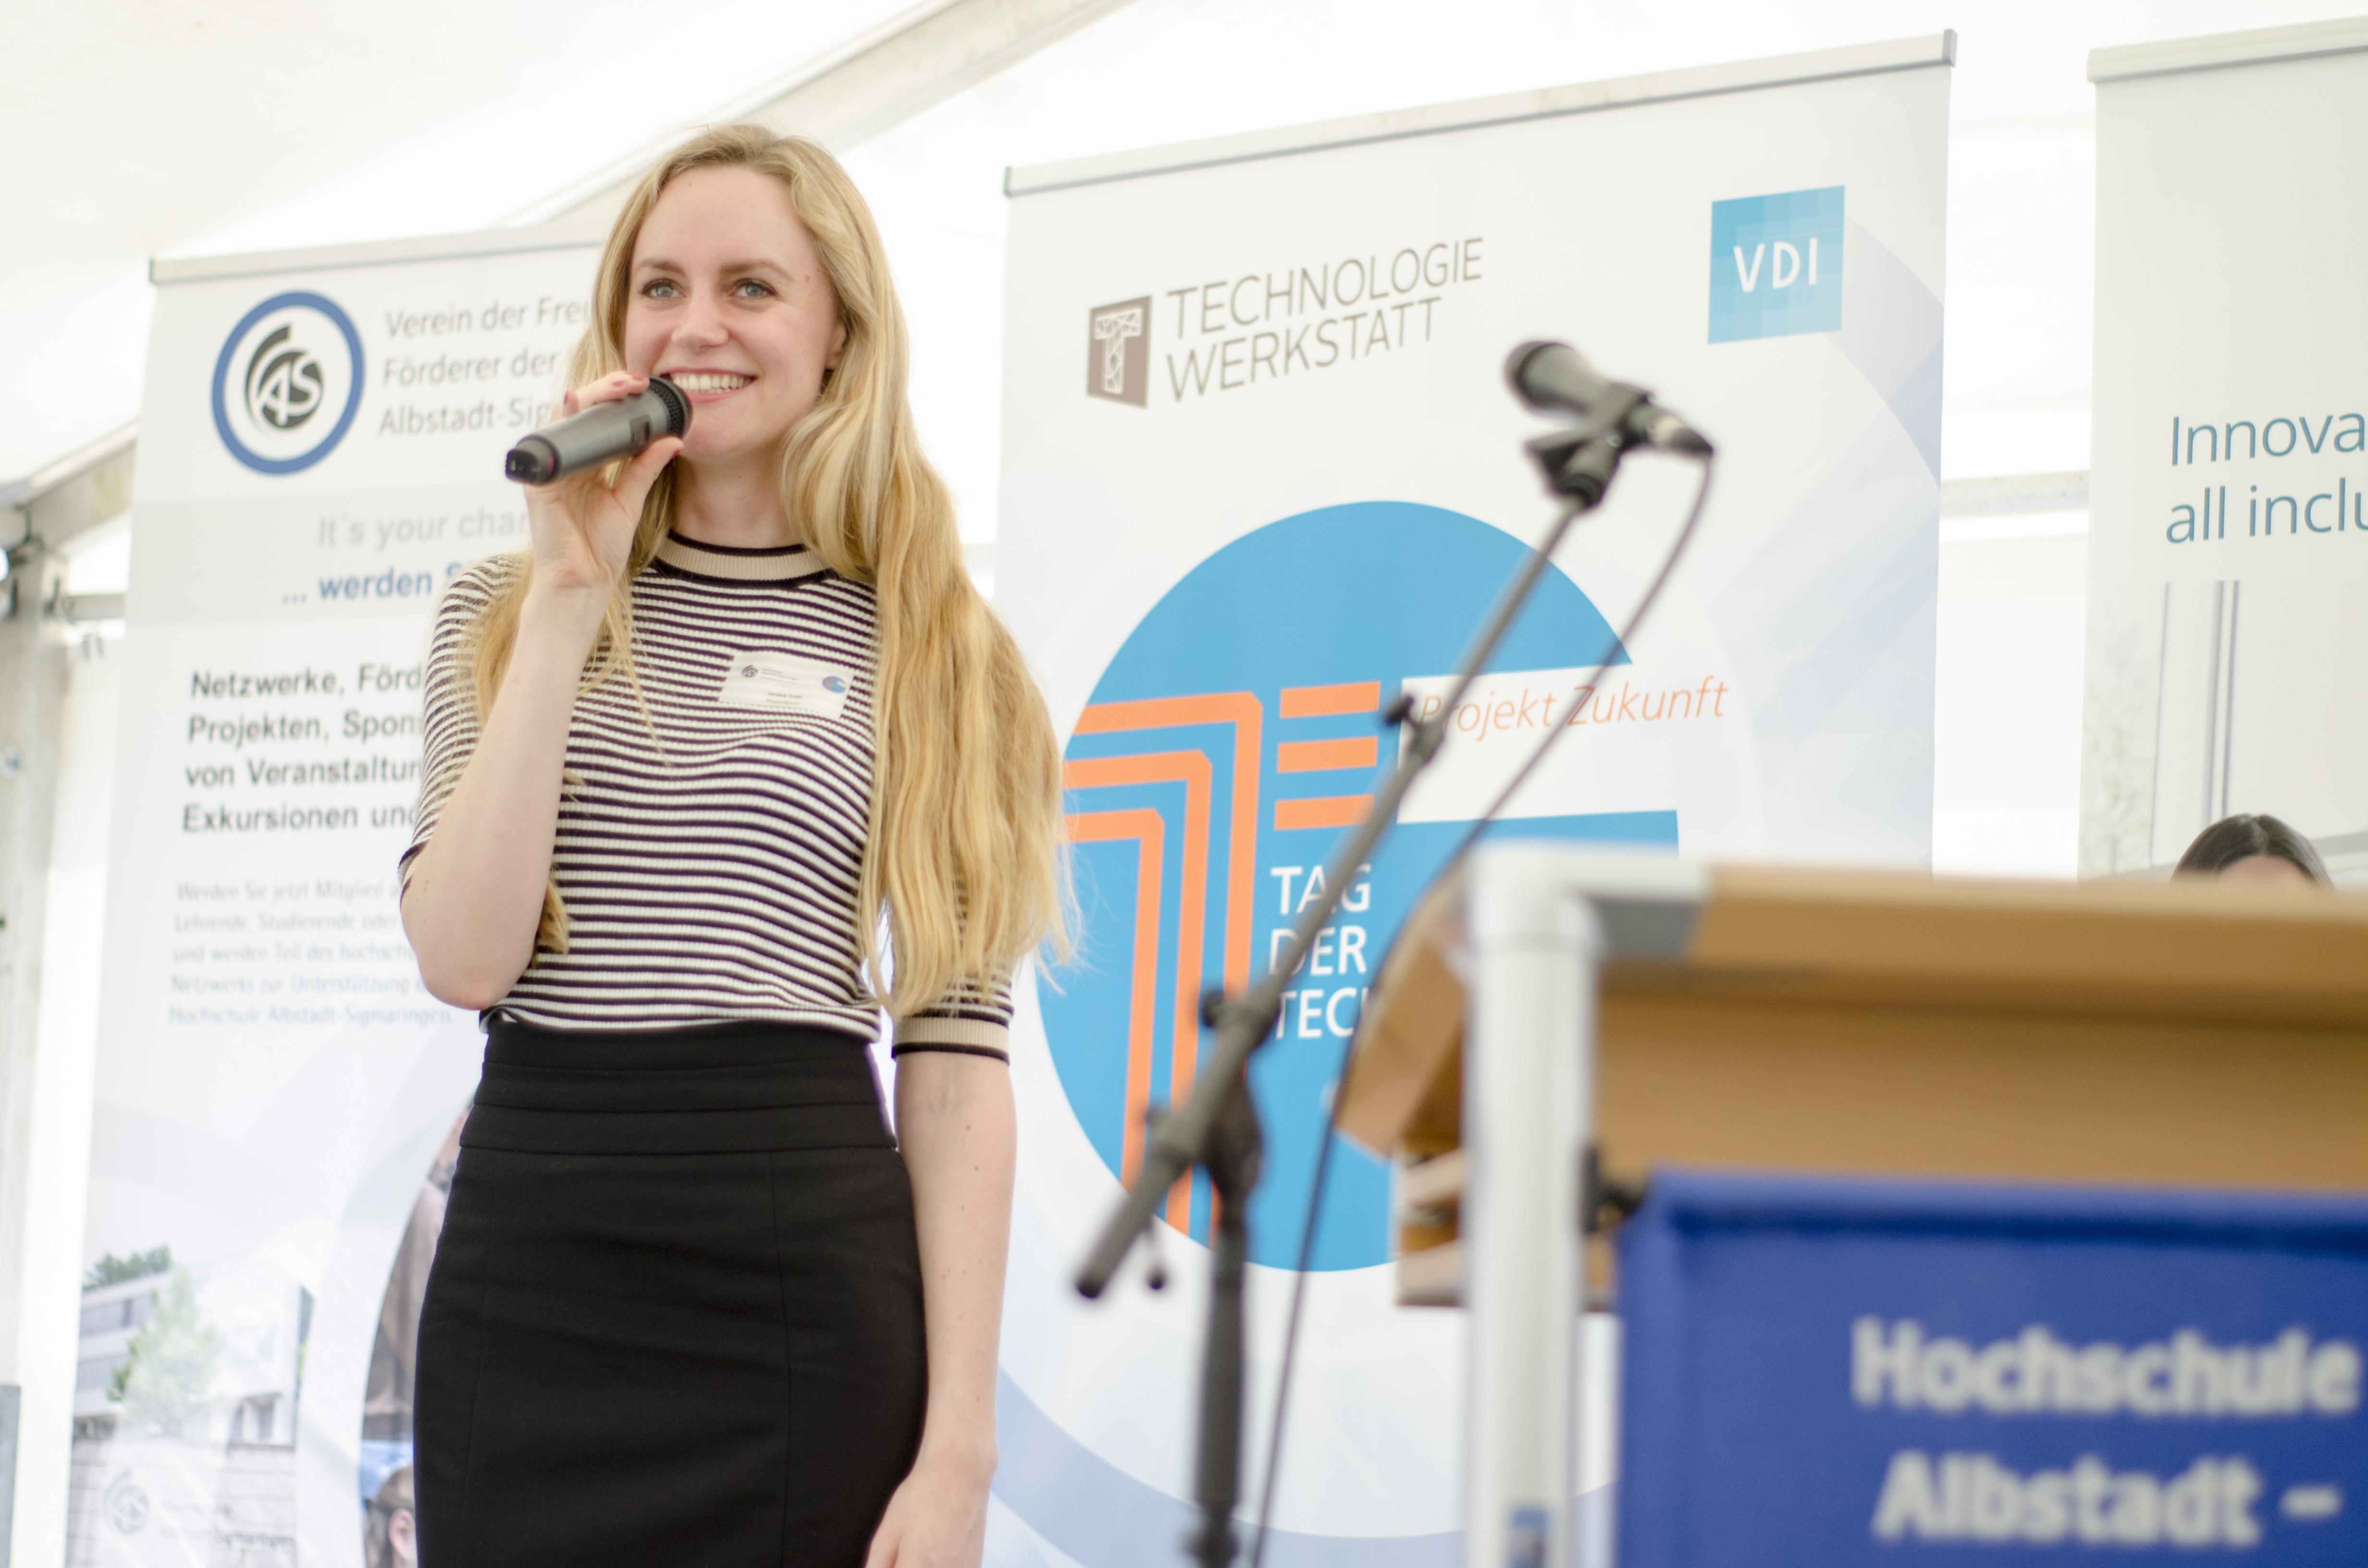 Moderatorin Janina Treis führte durch den Tag der Technik. Das Event war in die Nachhaltigkeits- & Industriewoche des Umweltministeriums und Wirtschaftsministeriums Baden-Württembergs eingebunden. Mehr als 60 Aussteller, ´Jugend forscht´-Projekte und spannende technische Produkte waren Teil des aufwändigen Programms.